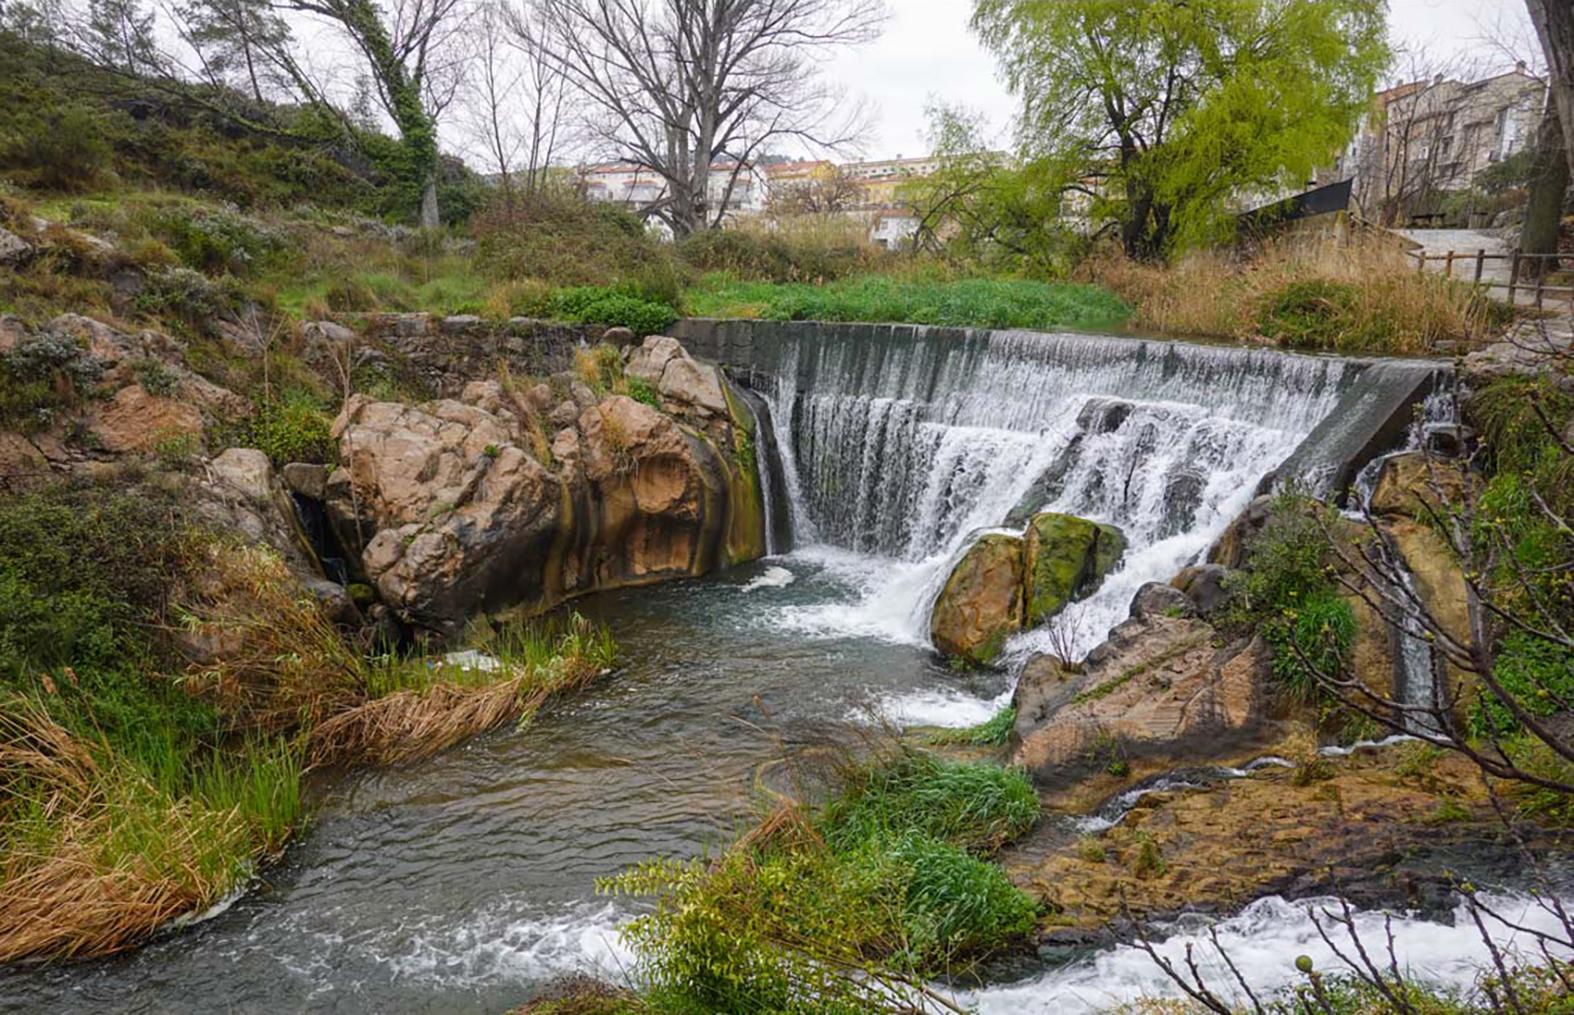 La Vuelta de la Hoz, un rincón en el que perderse dentro del paisaje natural de Jérica, en la provincia de Castellón.